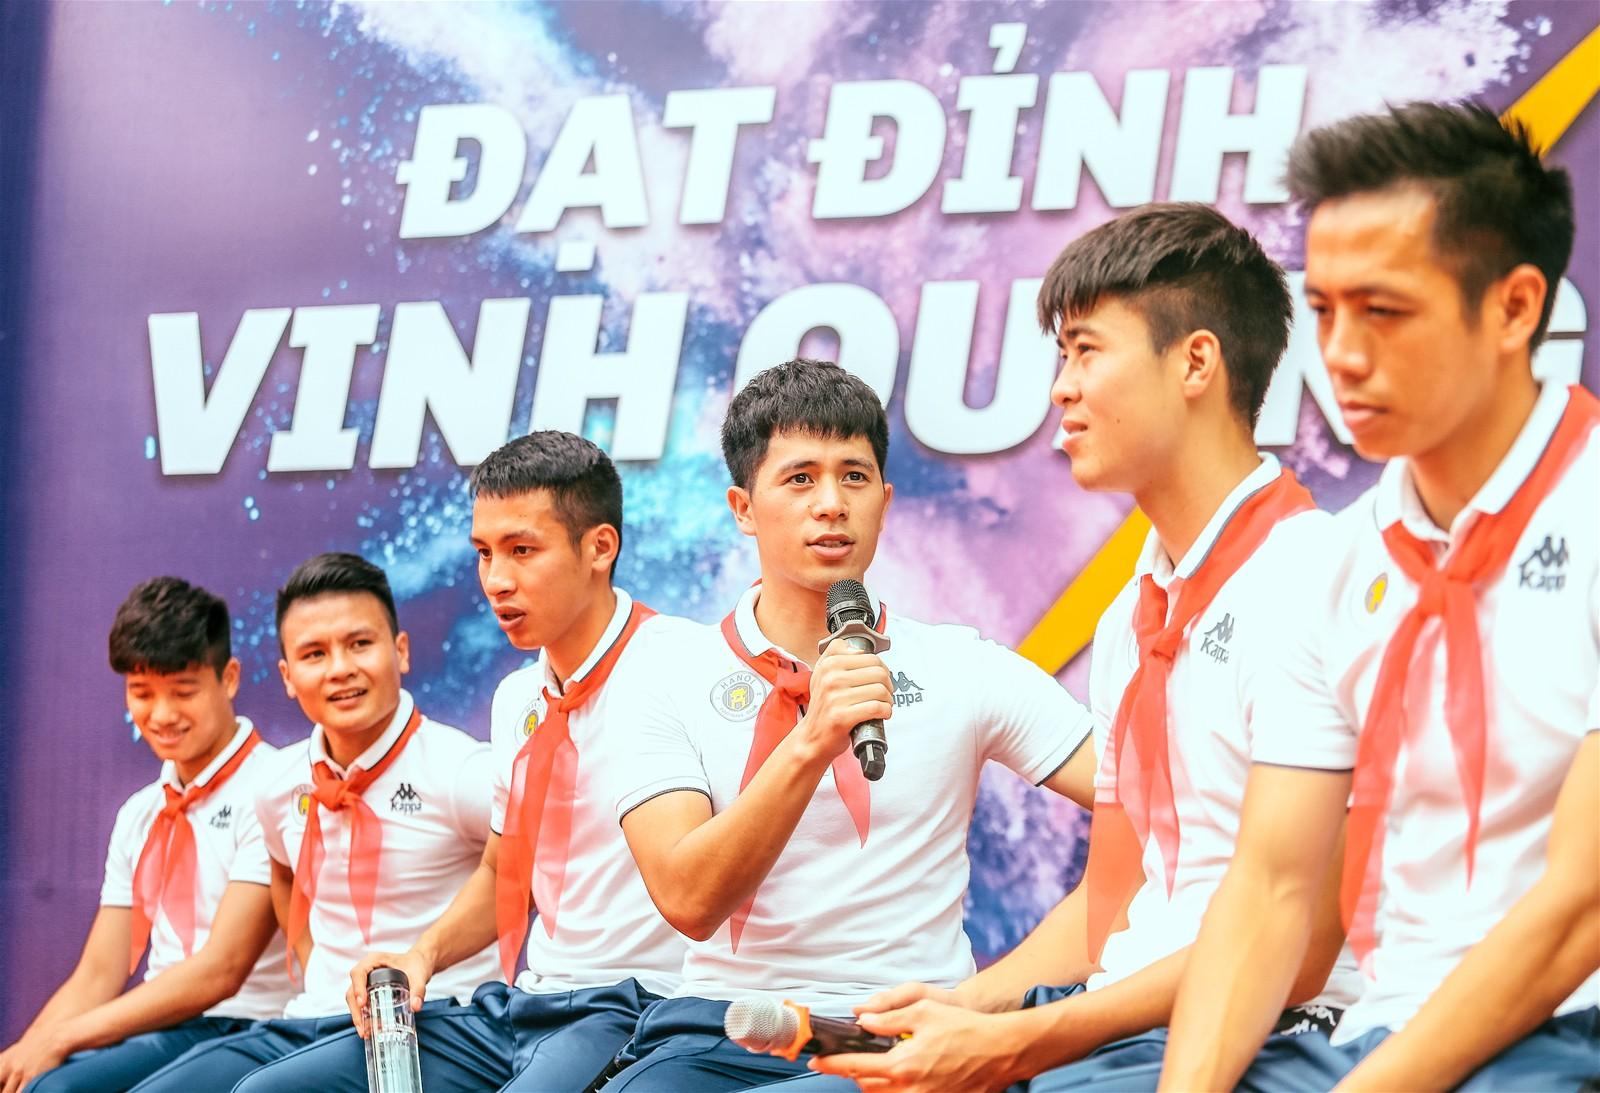 Quang Hải, Duy Mạnh và các cầu thủ Hà Nội FC khép lại hành trình thắp lửa giấc mơ Strong Vietnam - Ảnh 4.